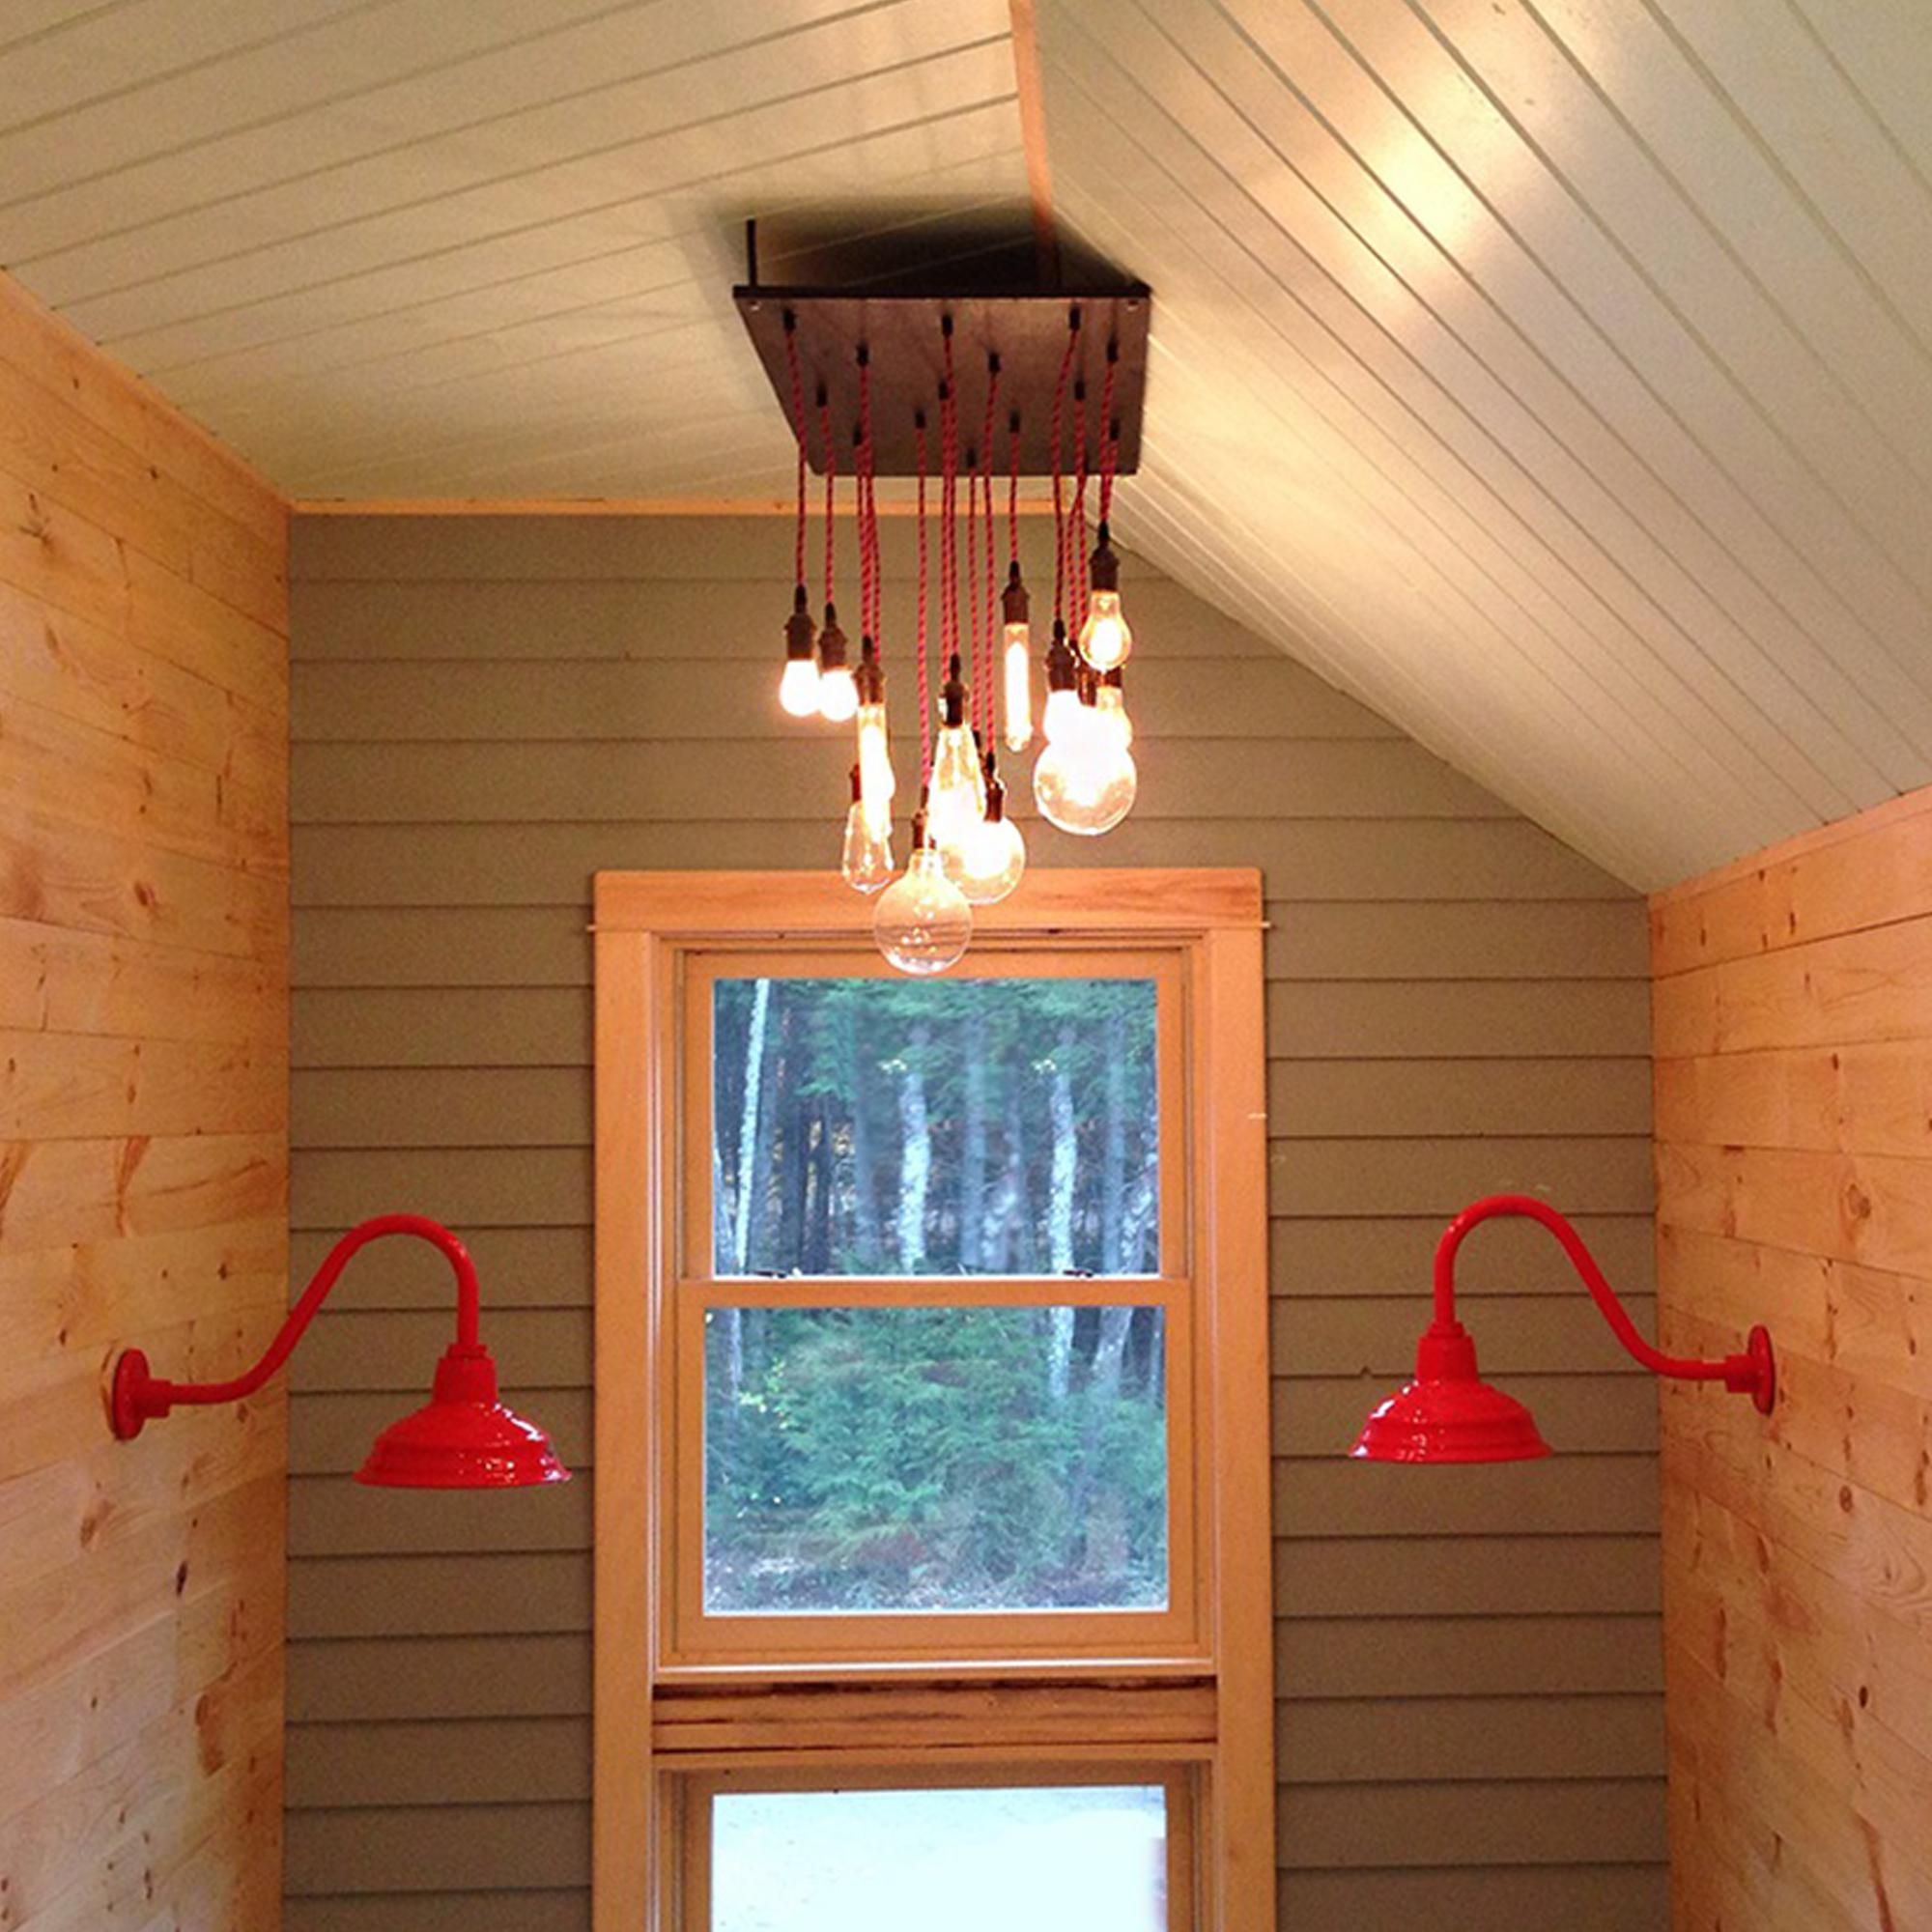 Pendant chandelier in a foyer